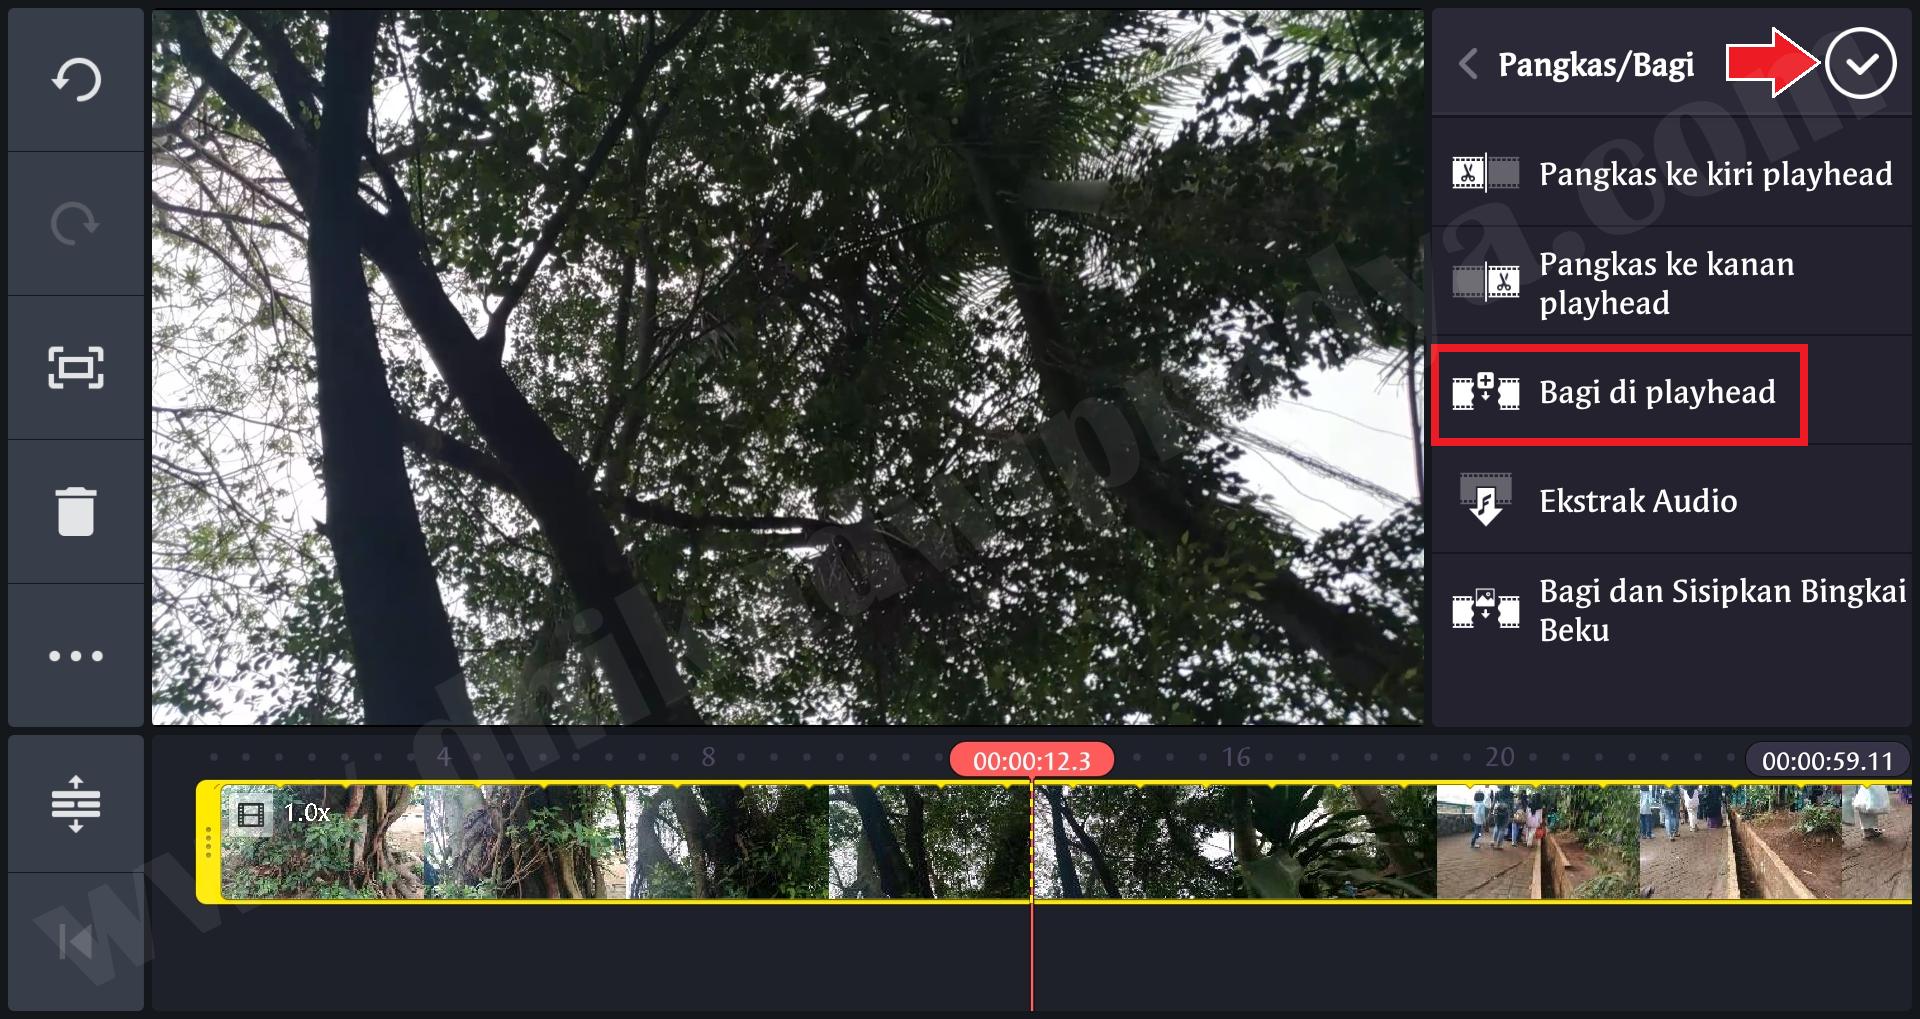 tutorial-cara-memotong-dan-menggabungkan-video-dengan-kinemaster6-dhikadwipradya